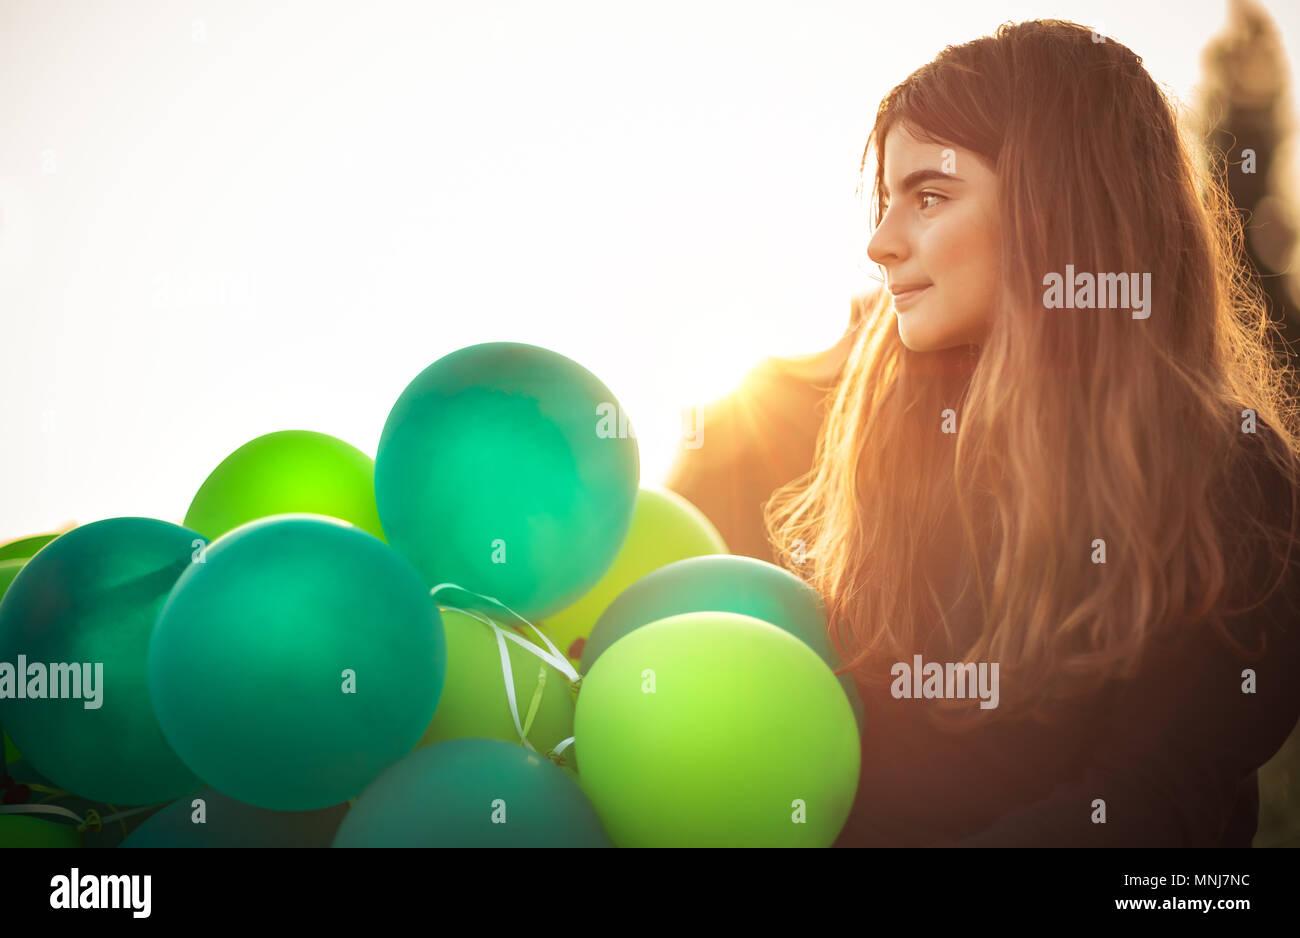 Portrait von ein nettes Mädchen im Freien mit Haufen grün Luftballons, Birthday Party, glückliche unbeschwerte Kindheit zu feiern. Stockbild